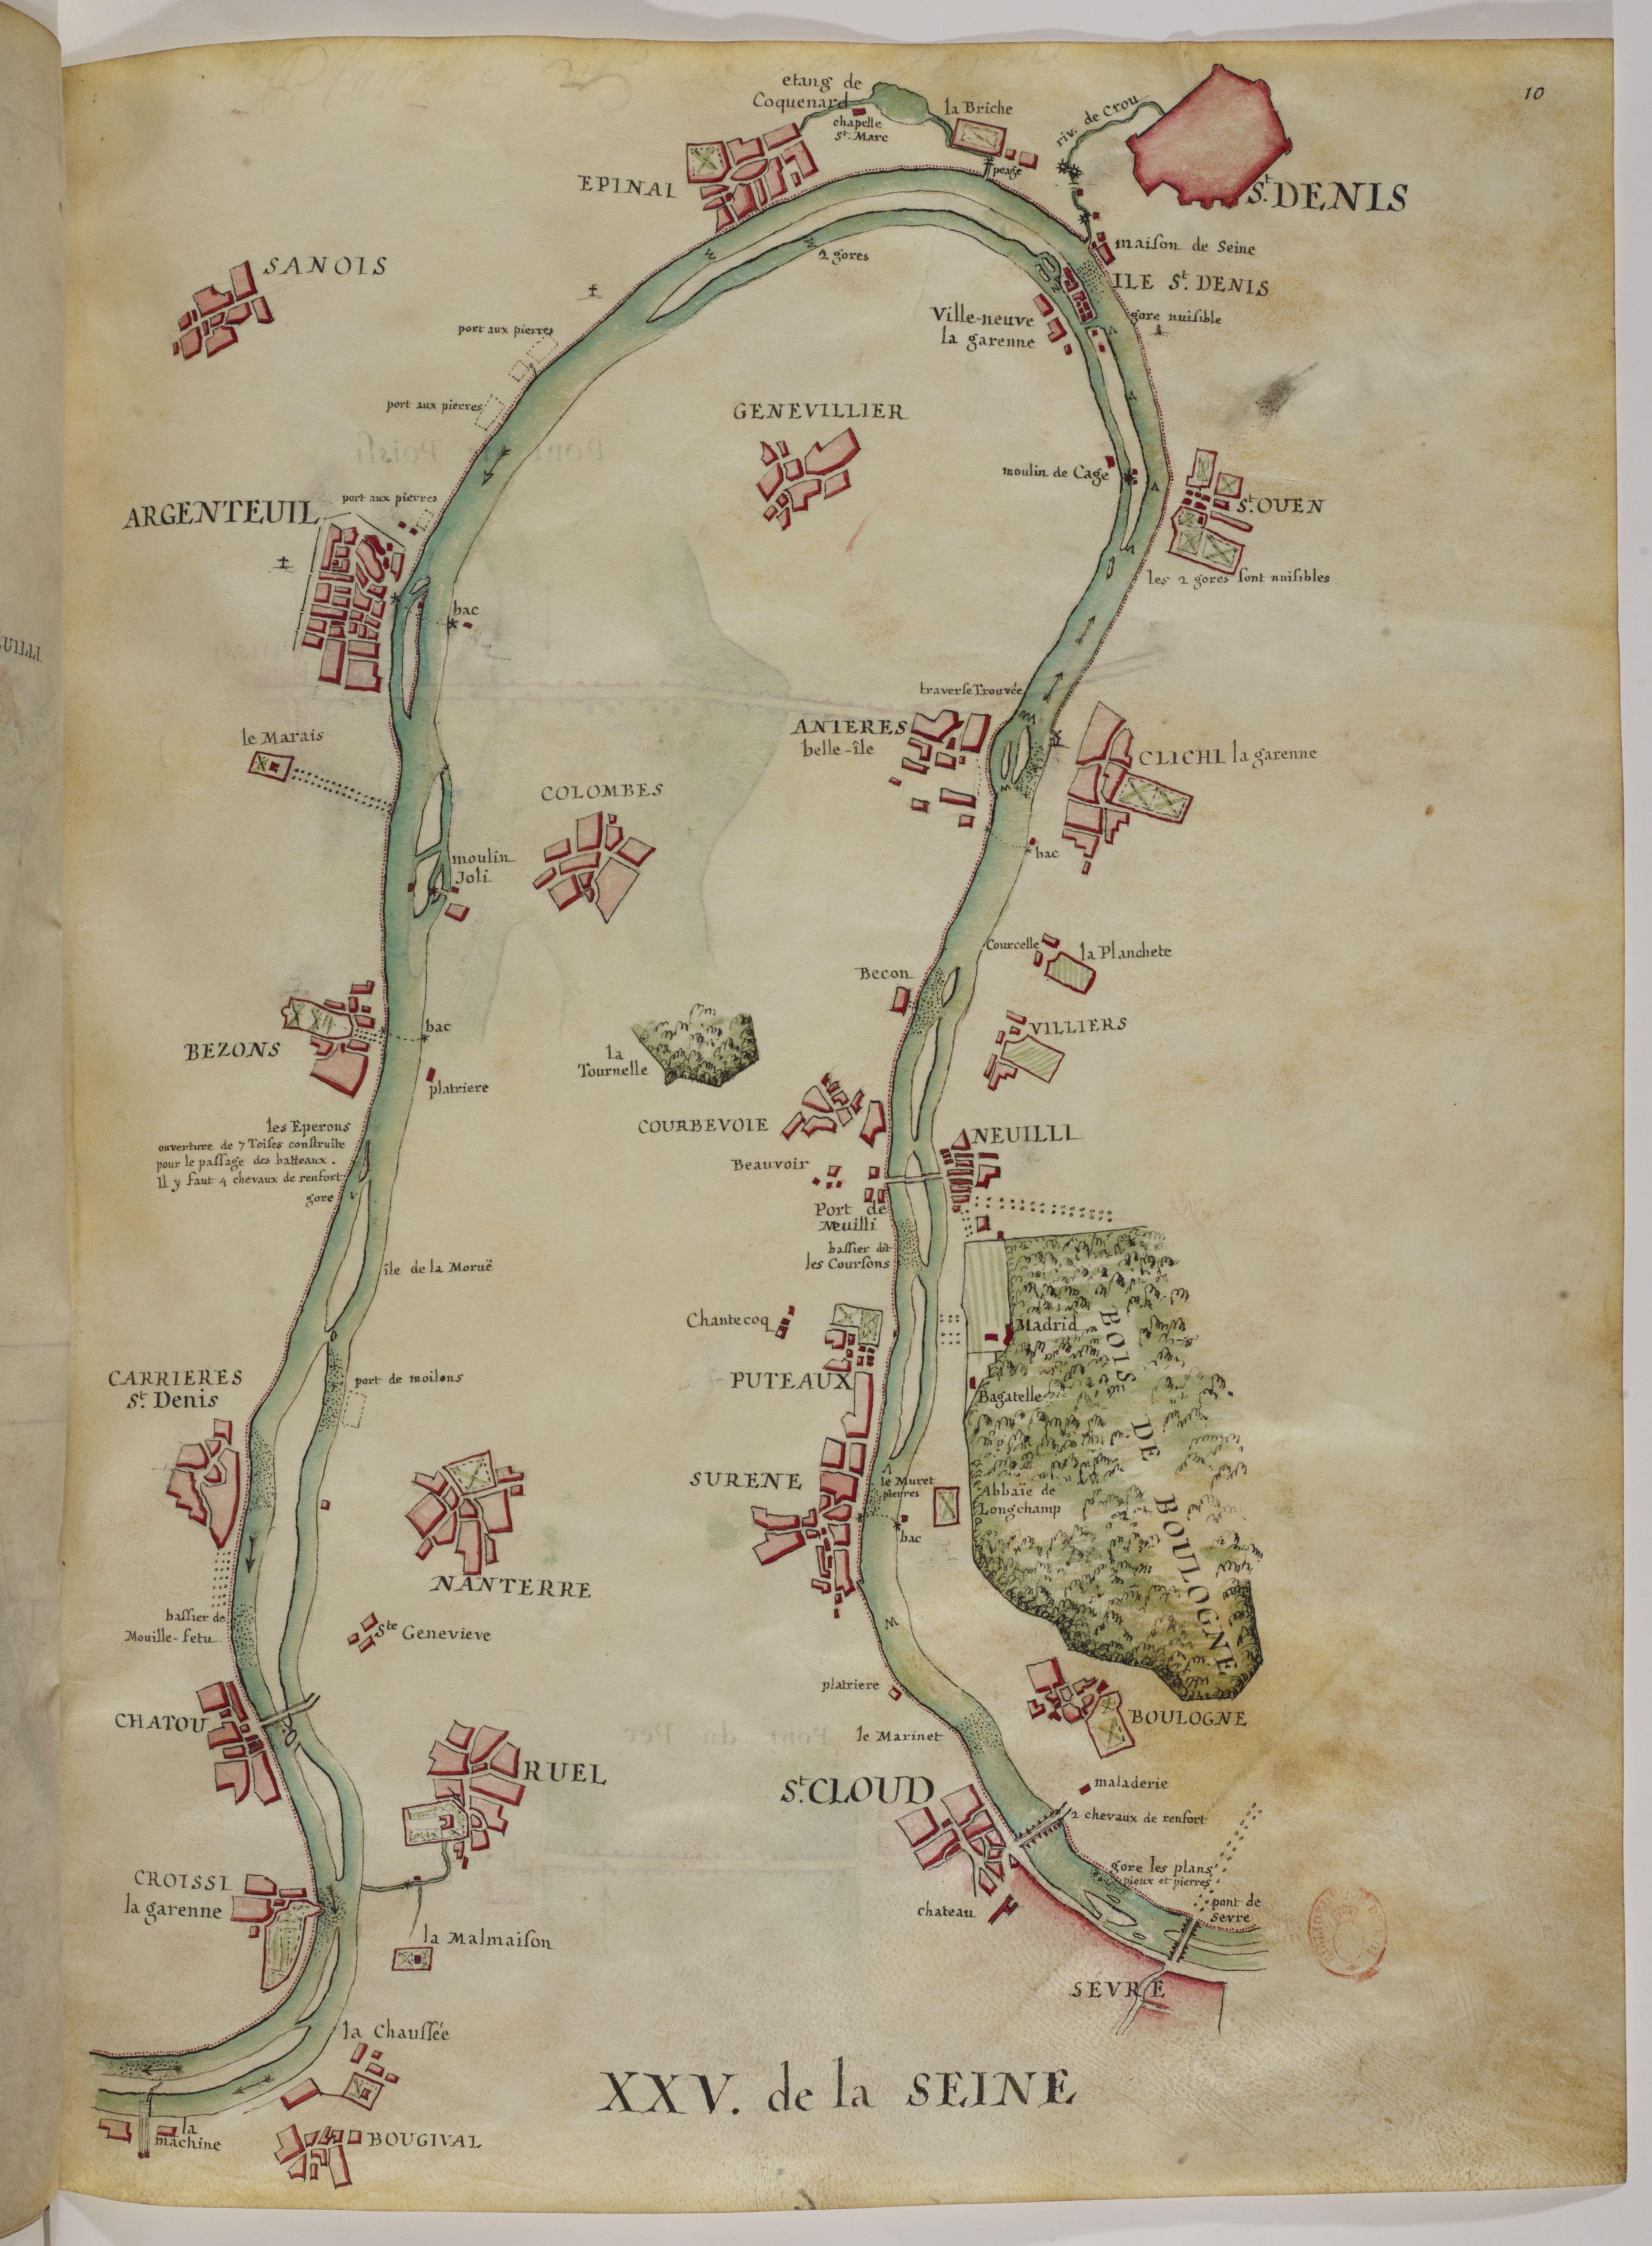 Plan de Colombes en 1735 - Cours de la Seine.